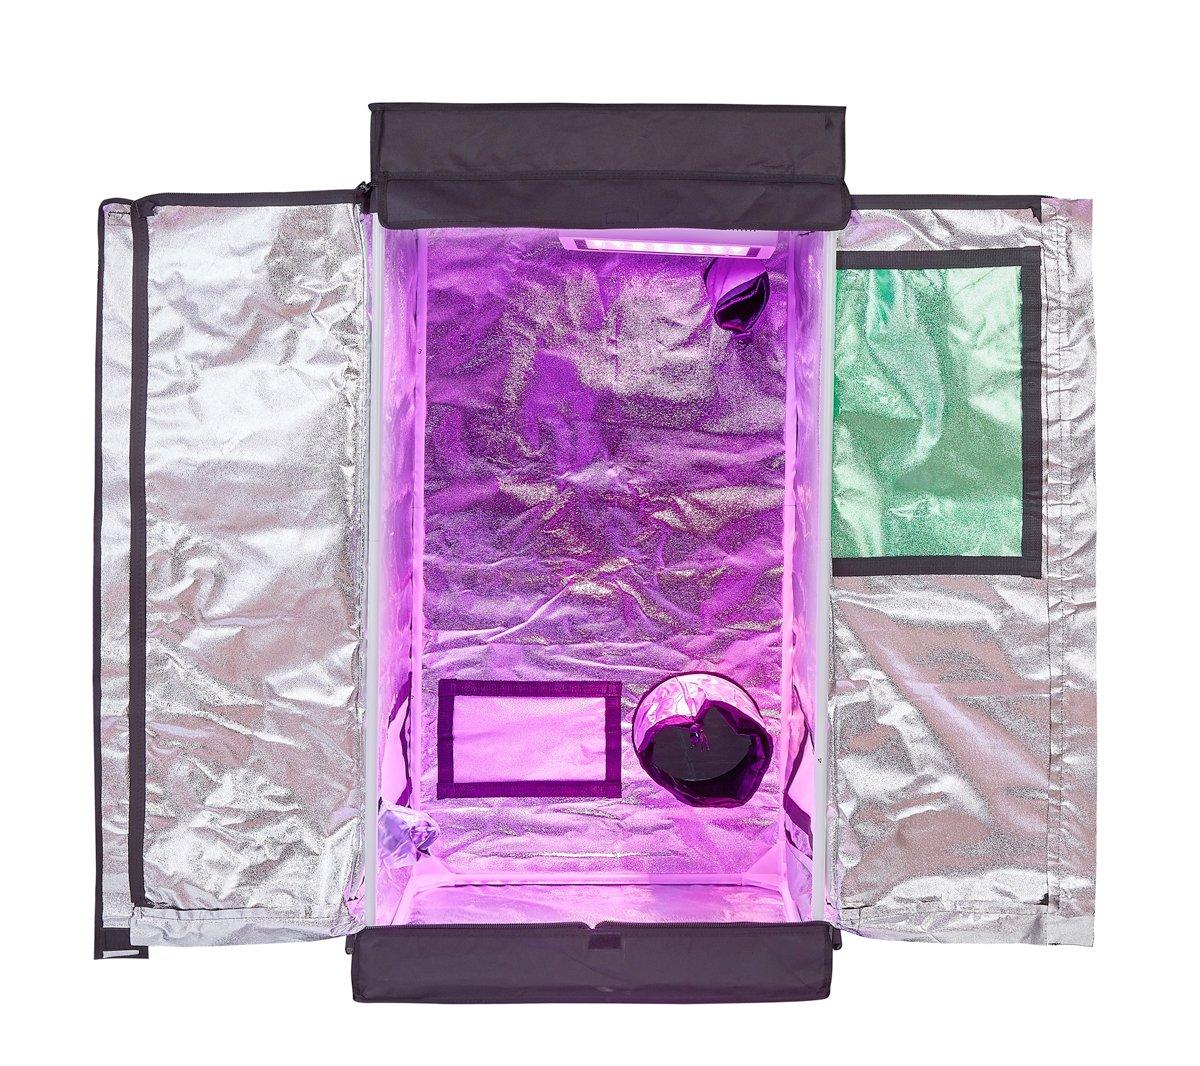 TopoLite 600D Grow Tent Room 24''x24''x48'' w/Viewing Window/T-door Reflective Mylar Indoor Garden Growing Room Hydroponic System (24''x24''x48'' w/T-door)